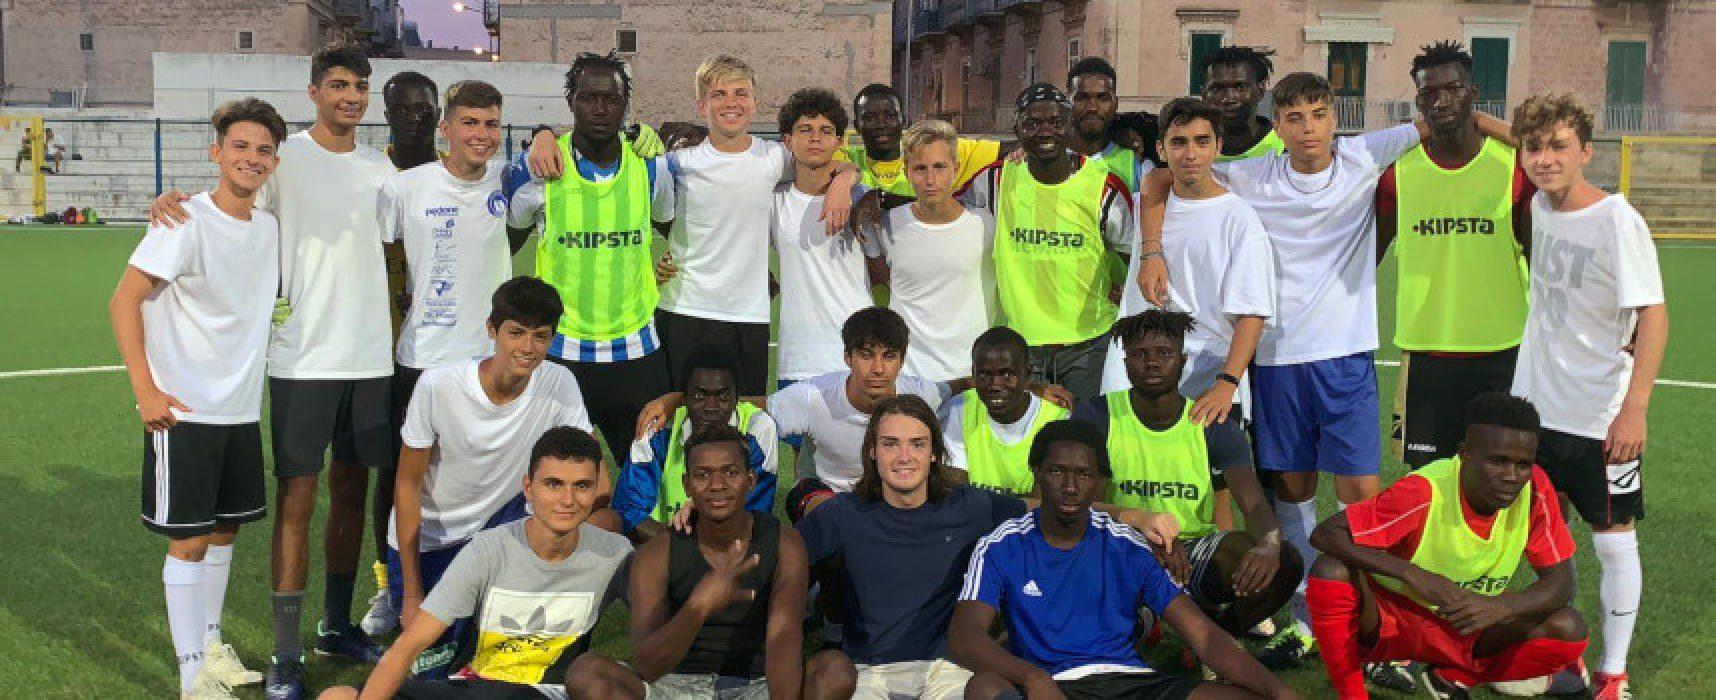 Bisceglie Illuminata, una partita di calcio per dire no al razzismo / FOTO